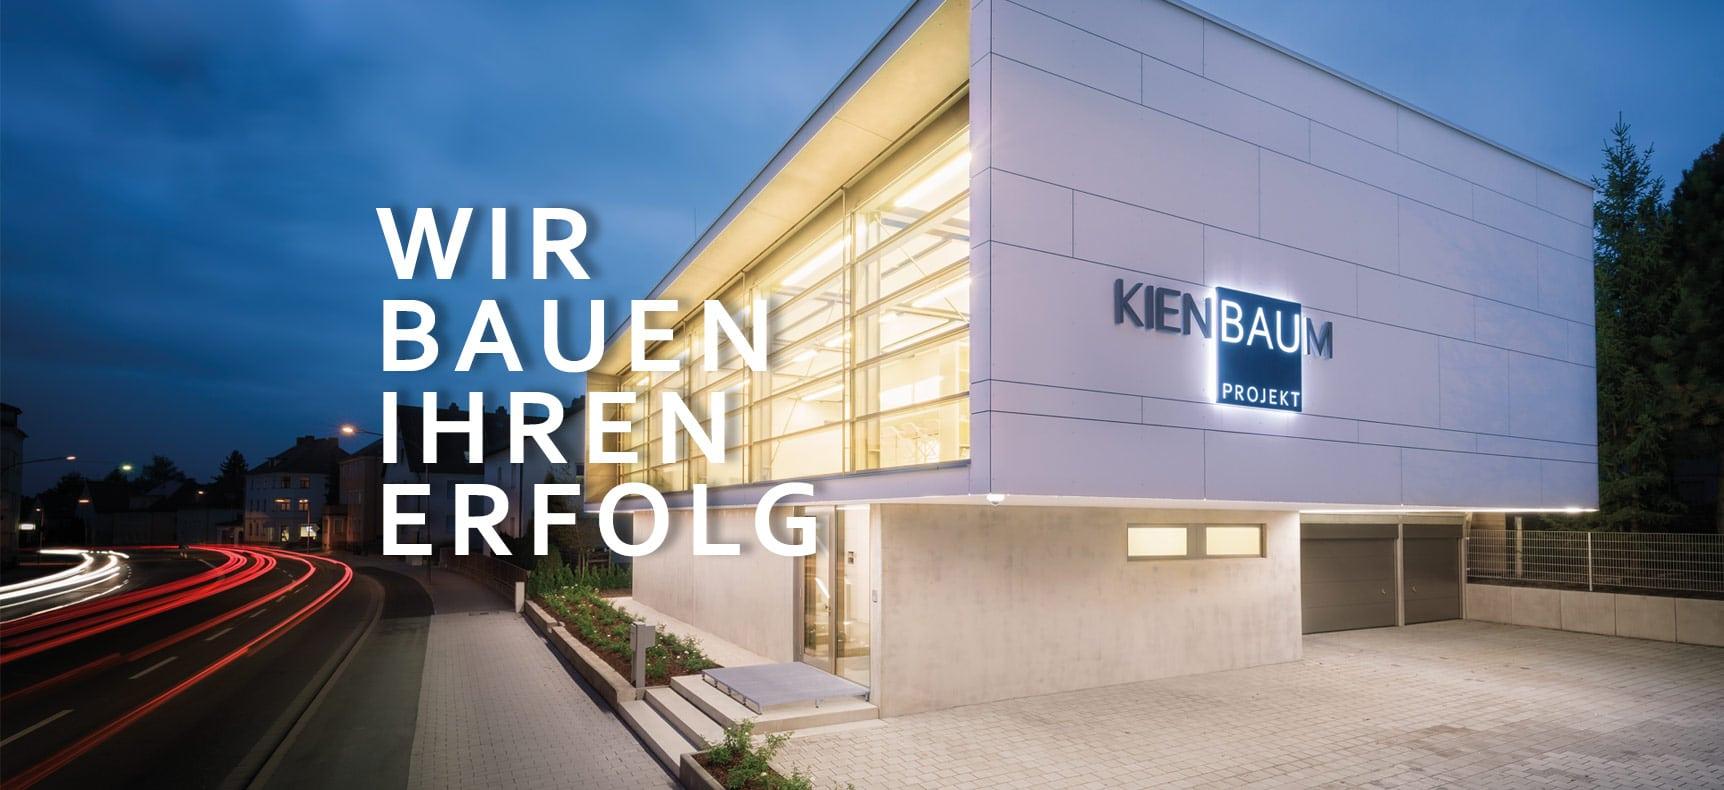 Bau-Projekt Kienbaum | Geschäftsausstattung erstellt von StatusZwo.com